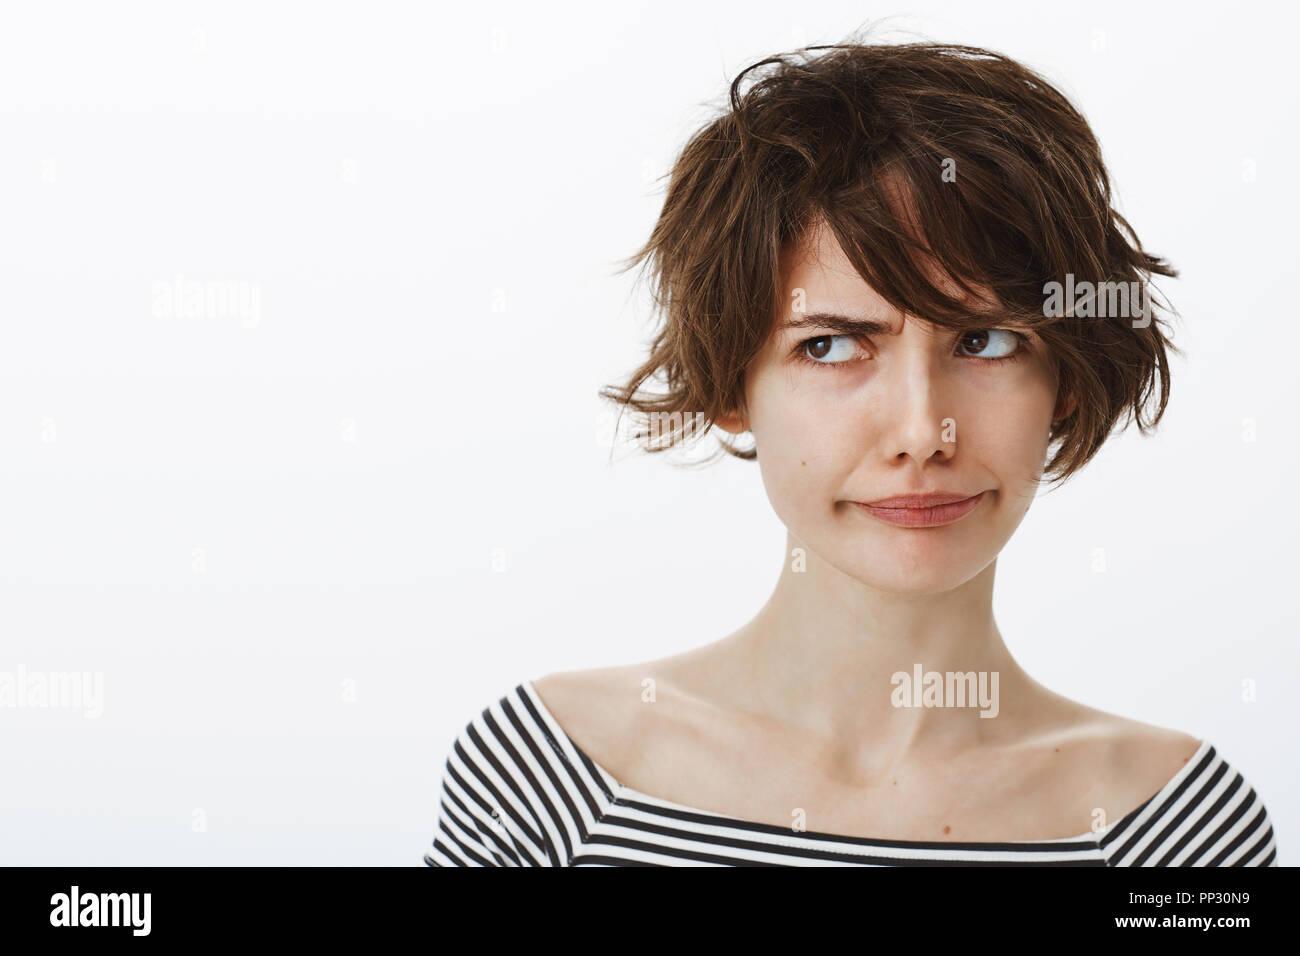 Frau Mit Haarschnitt Stockfotos Frau Mit Haarschnitt Bilder Alamy